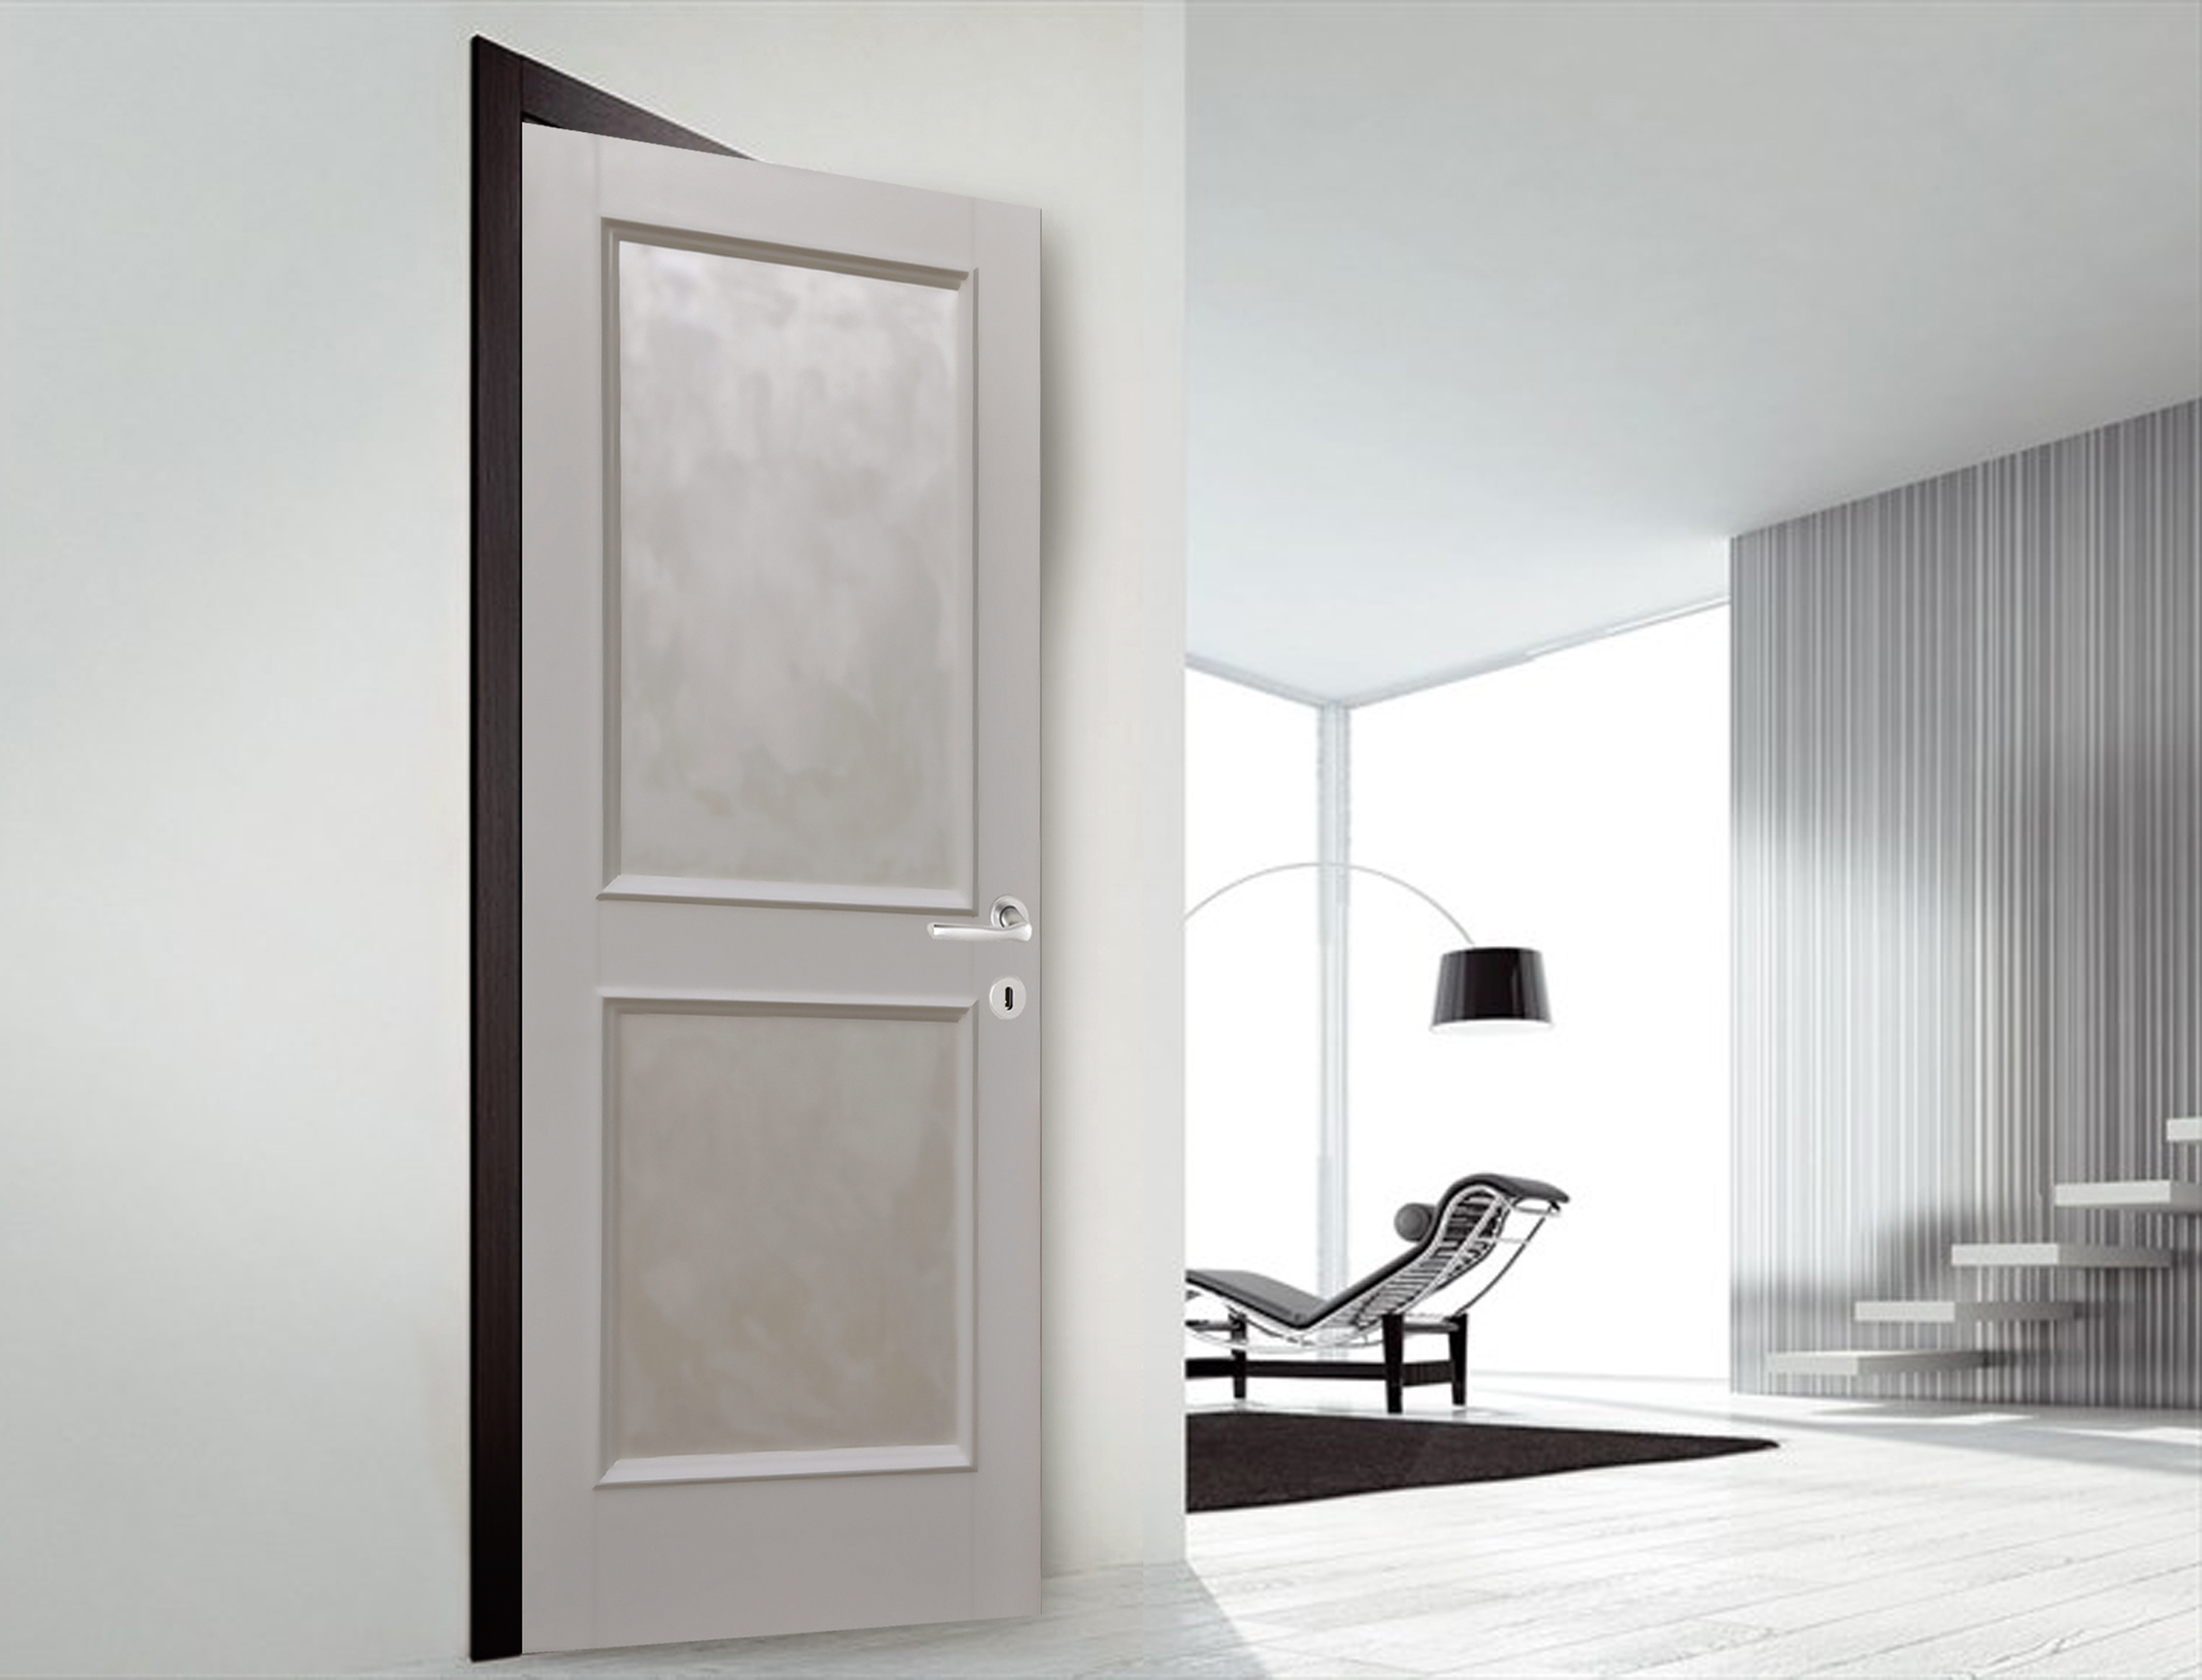 Porte da interno nuova lallp srl - Porte da interno ...